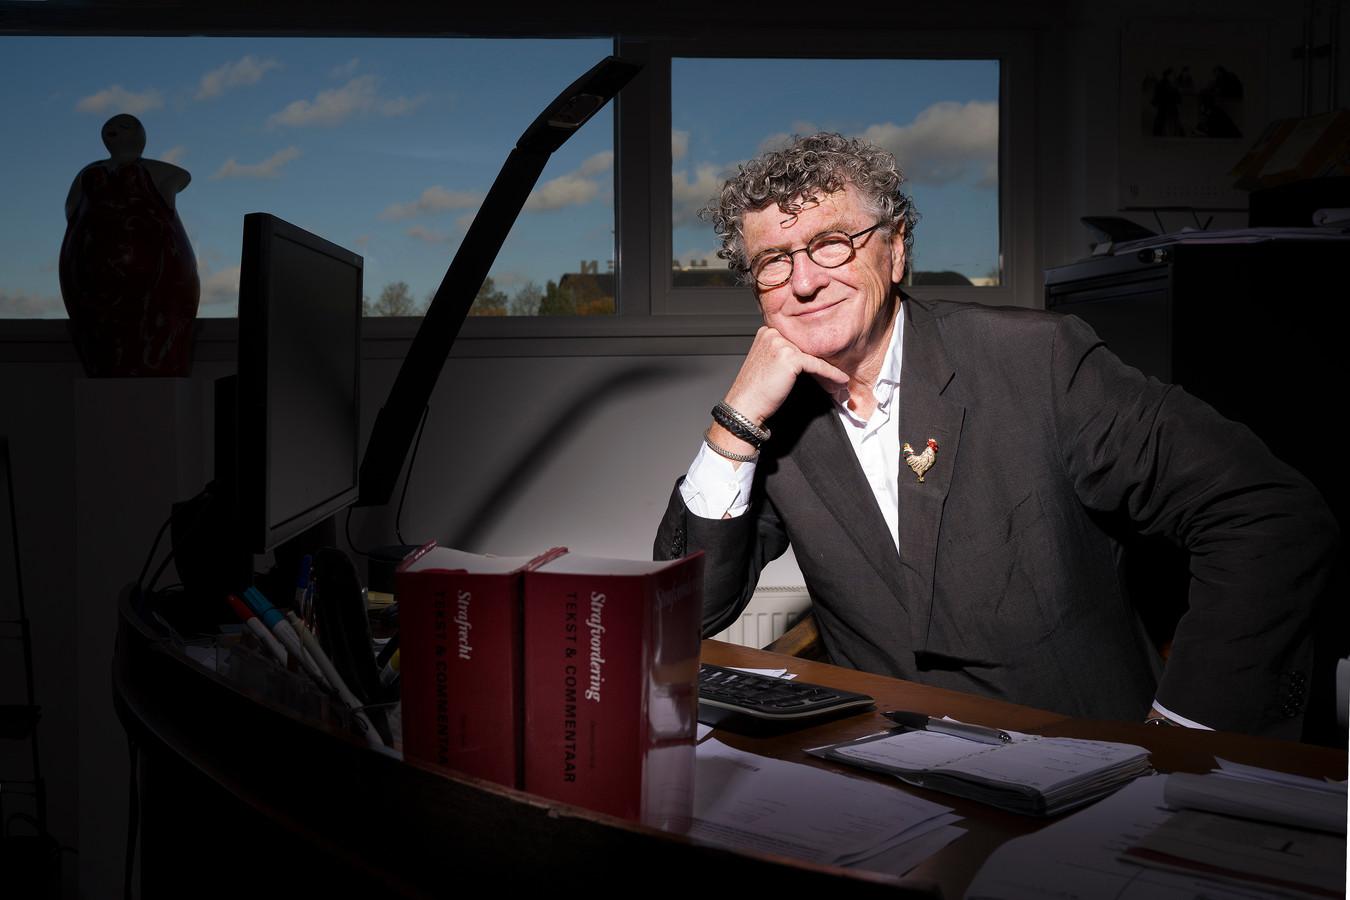 Pieter van der Kruijs, éx-advocaat. ,,Ik was die vieze, vuile advocaat van die kutpedo, Benno L.